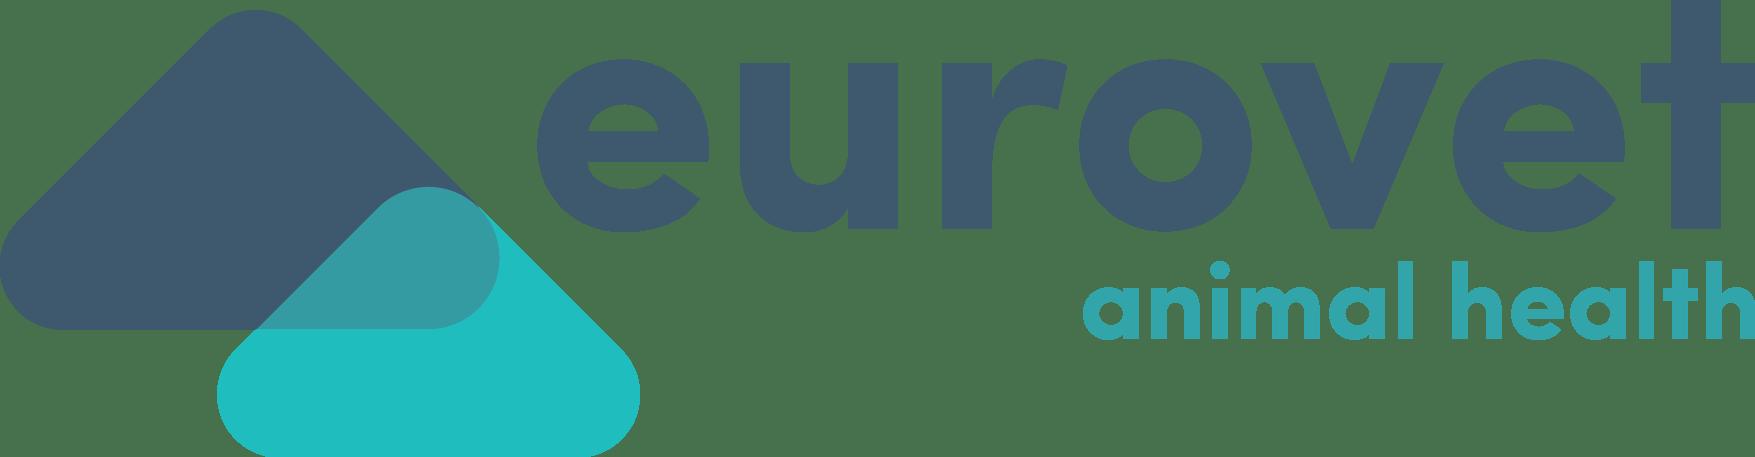 eurovet.com.tr